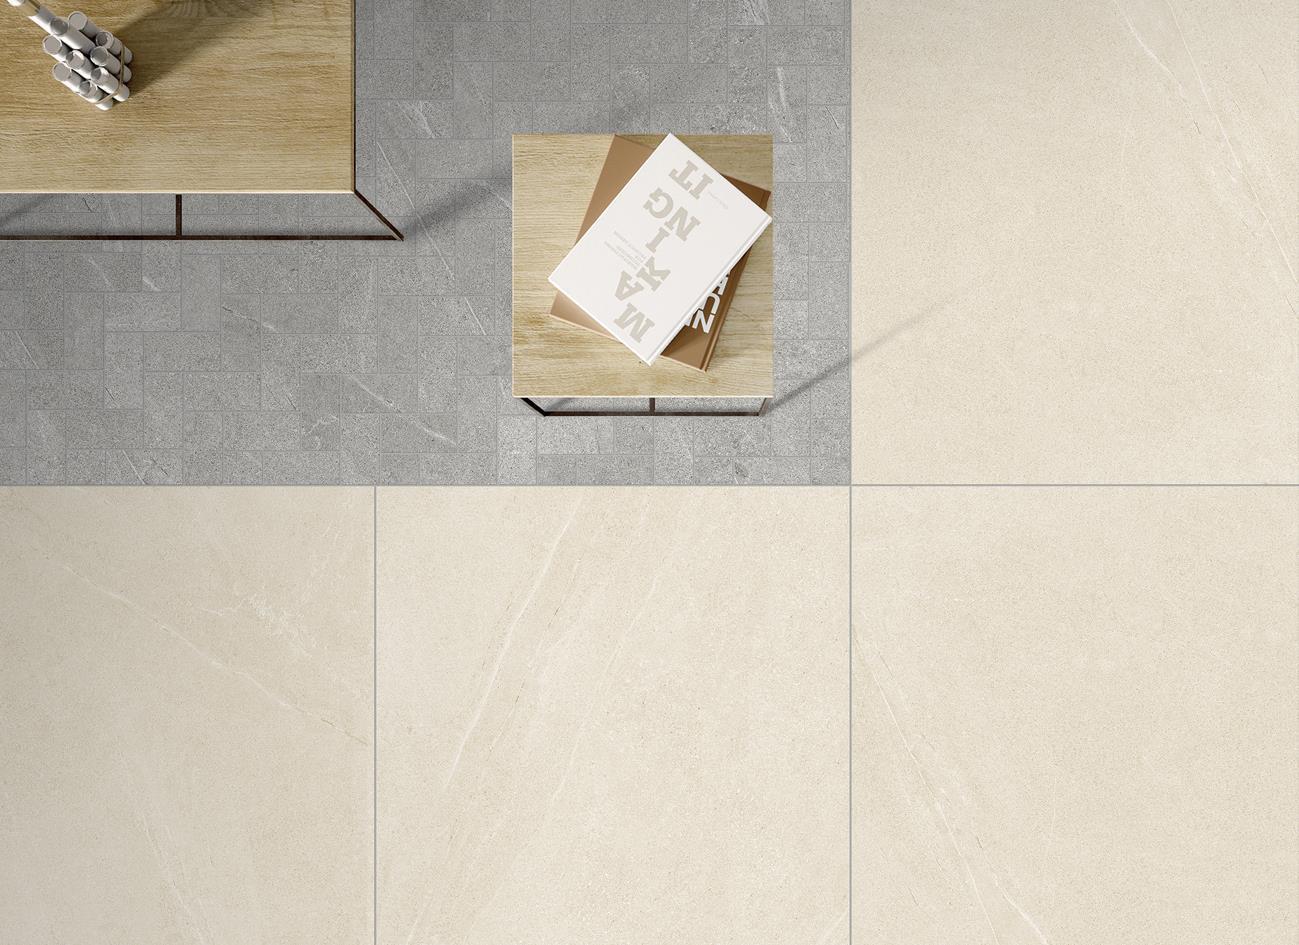 铭盛陶瓷2cm瓷砖幕墙有哪些特点?具体施工工艺怎么样?